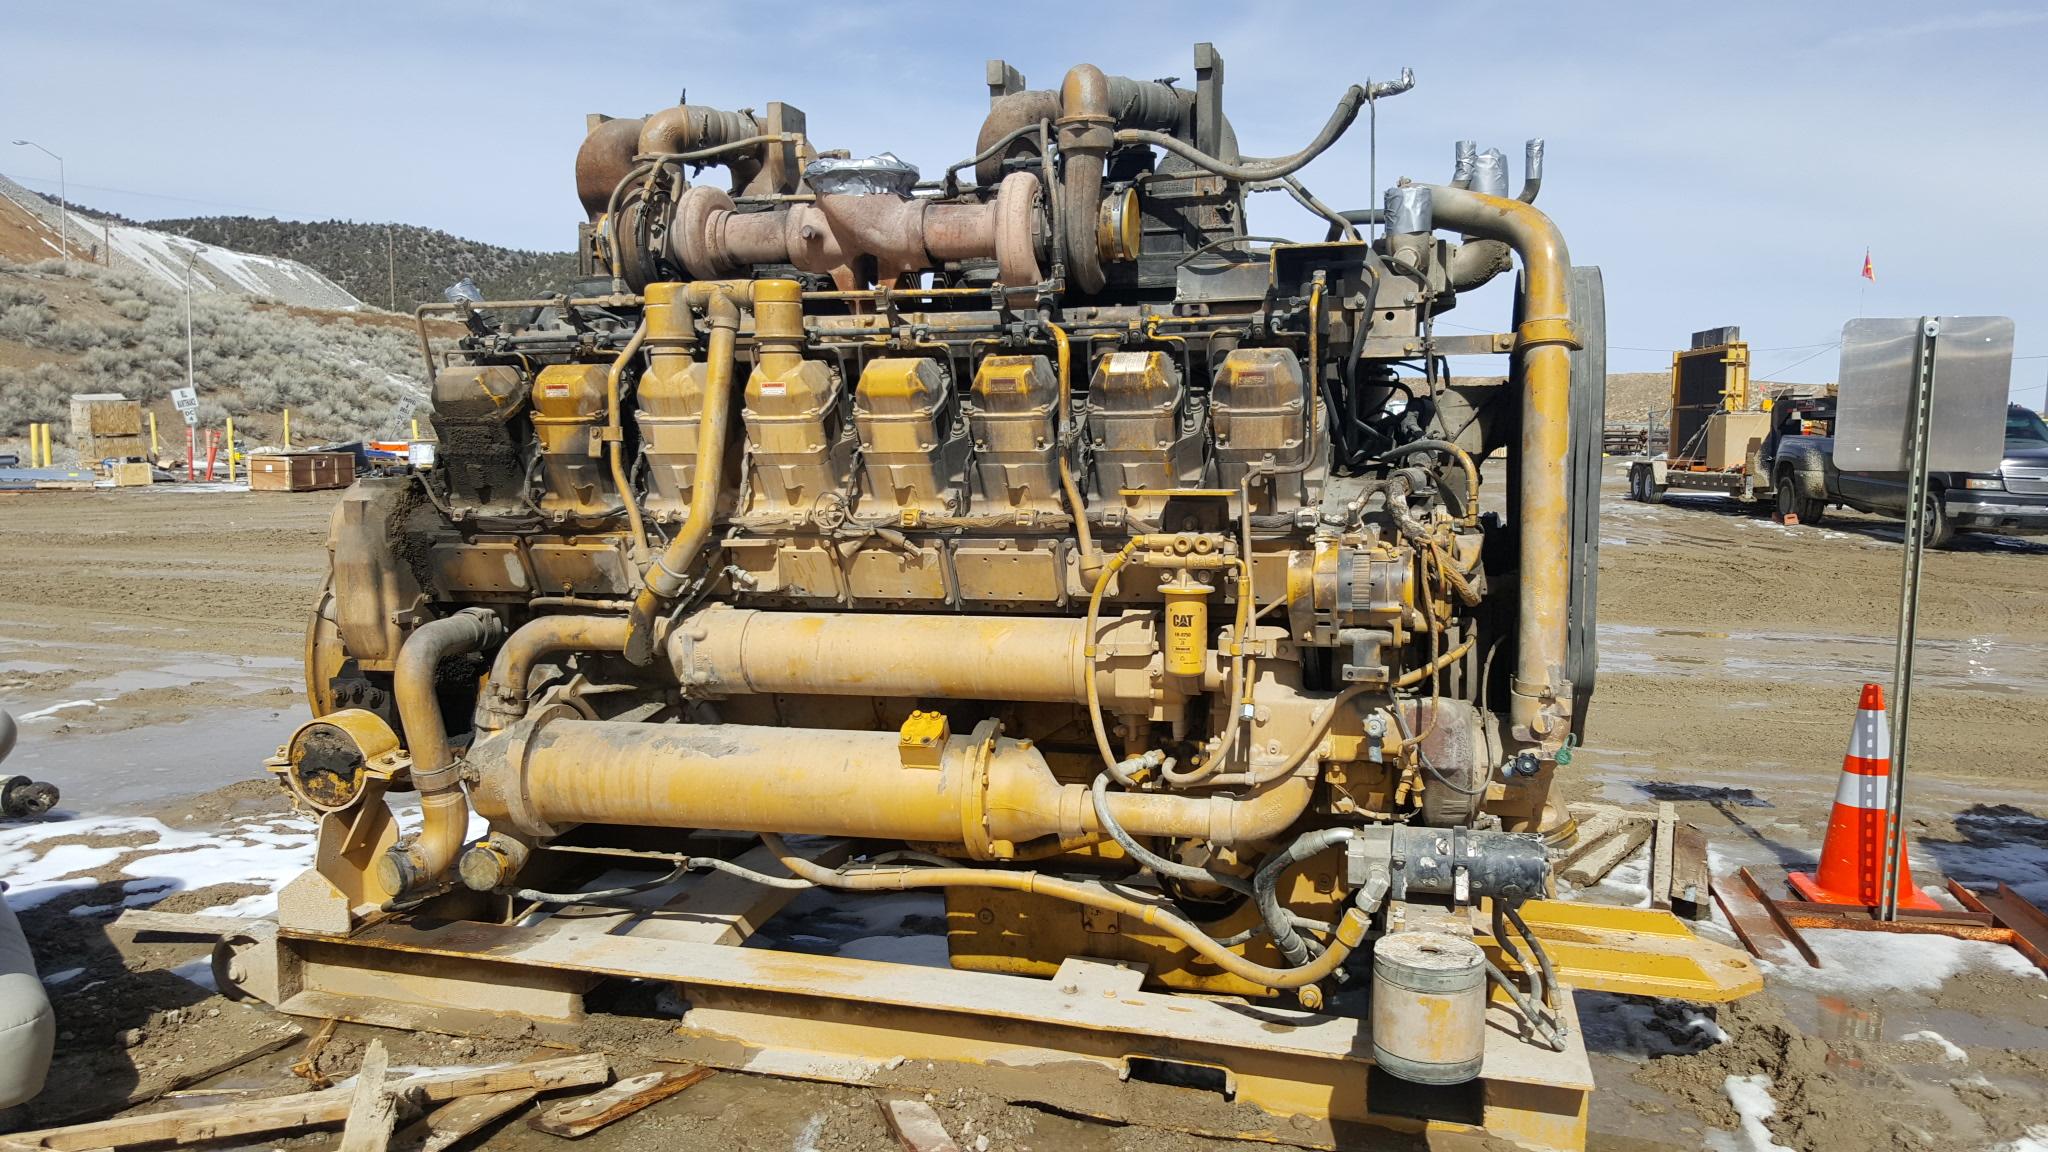 Caterpillar 3516 V16 3500 Series 793 Haul Truck Mining